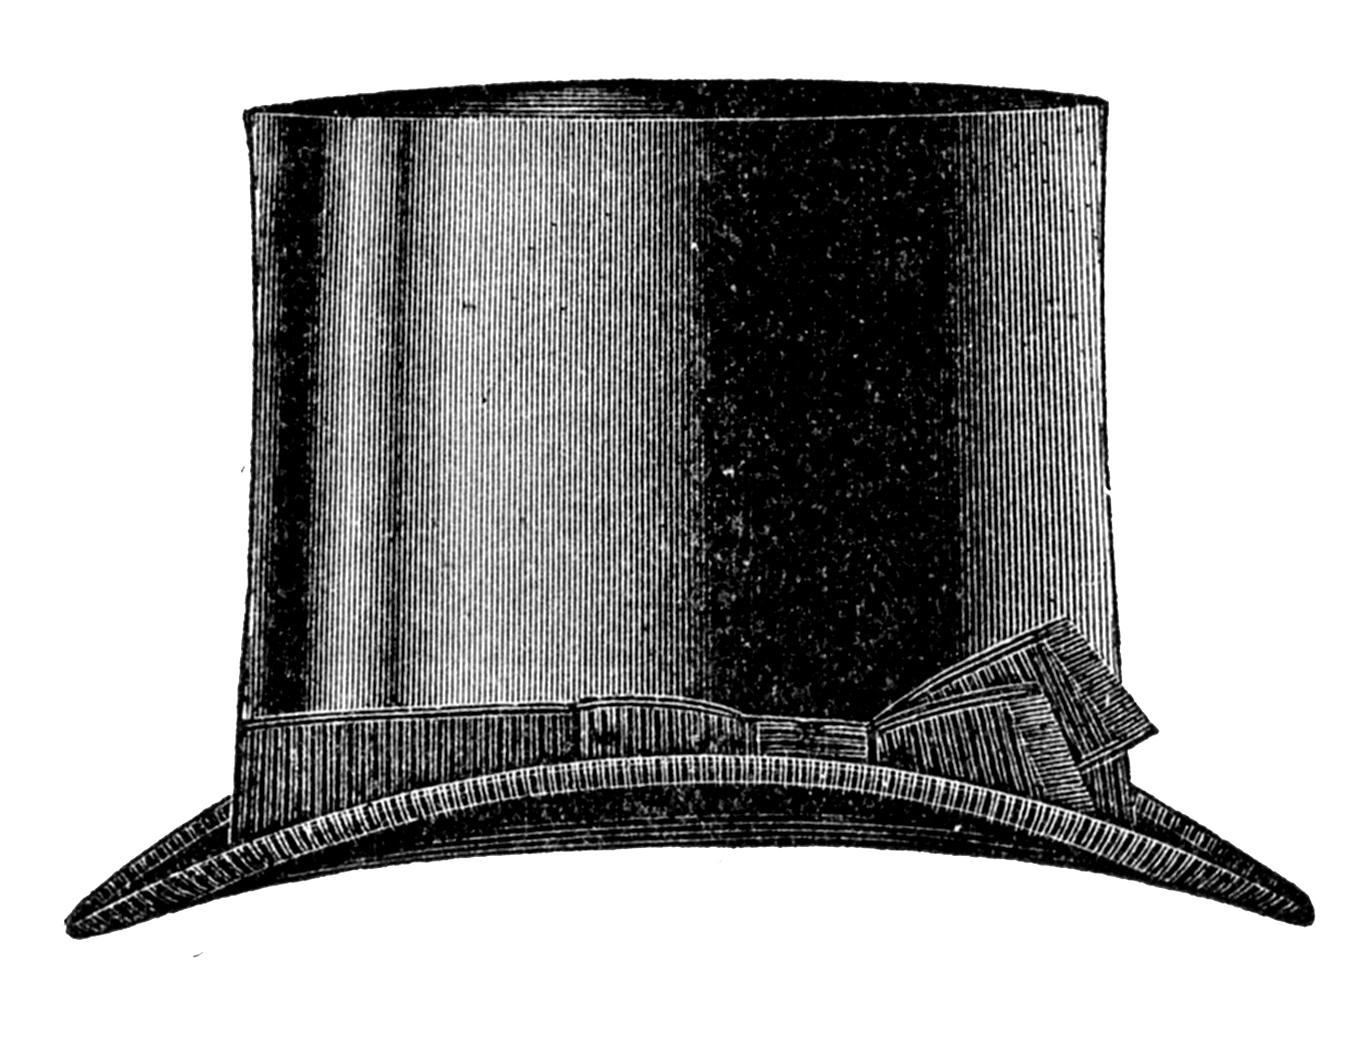 Vintage Clip Art   Men S Hats   Derby   Top Hat   The Graphics Fairy